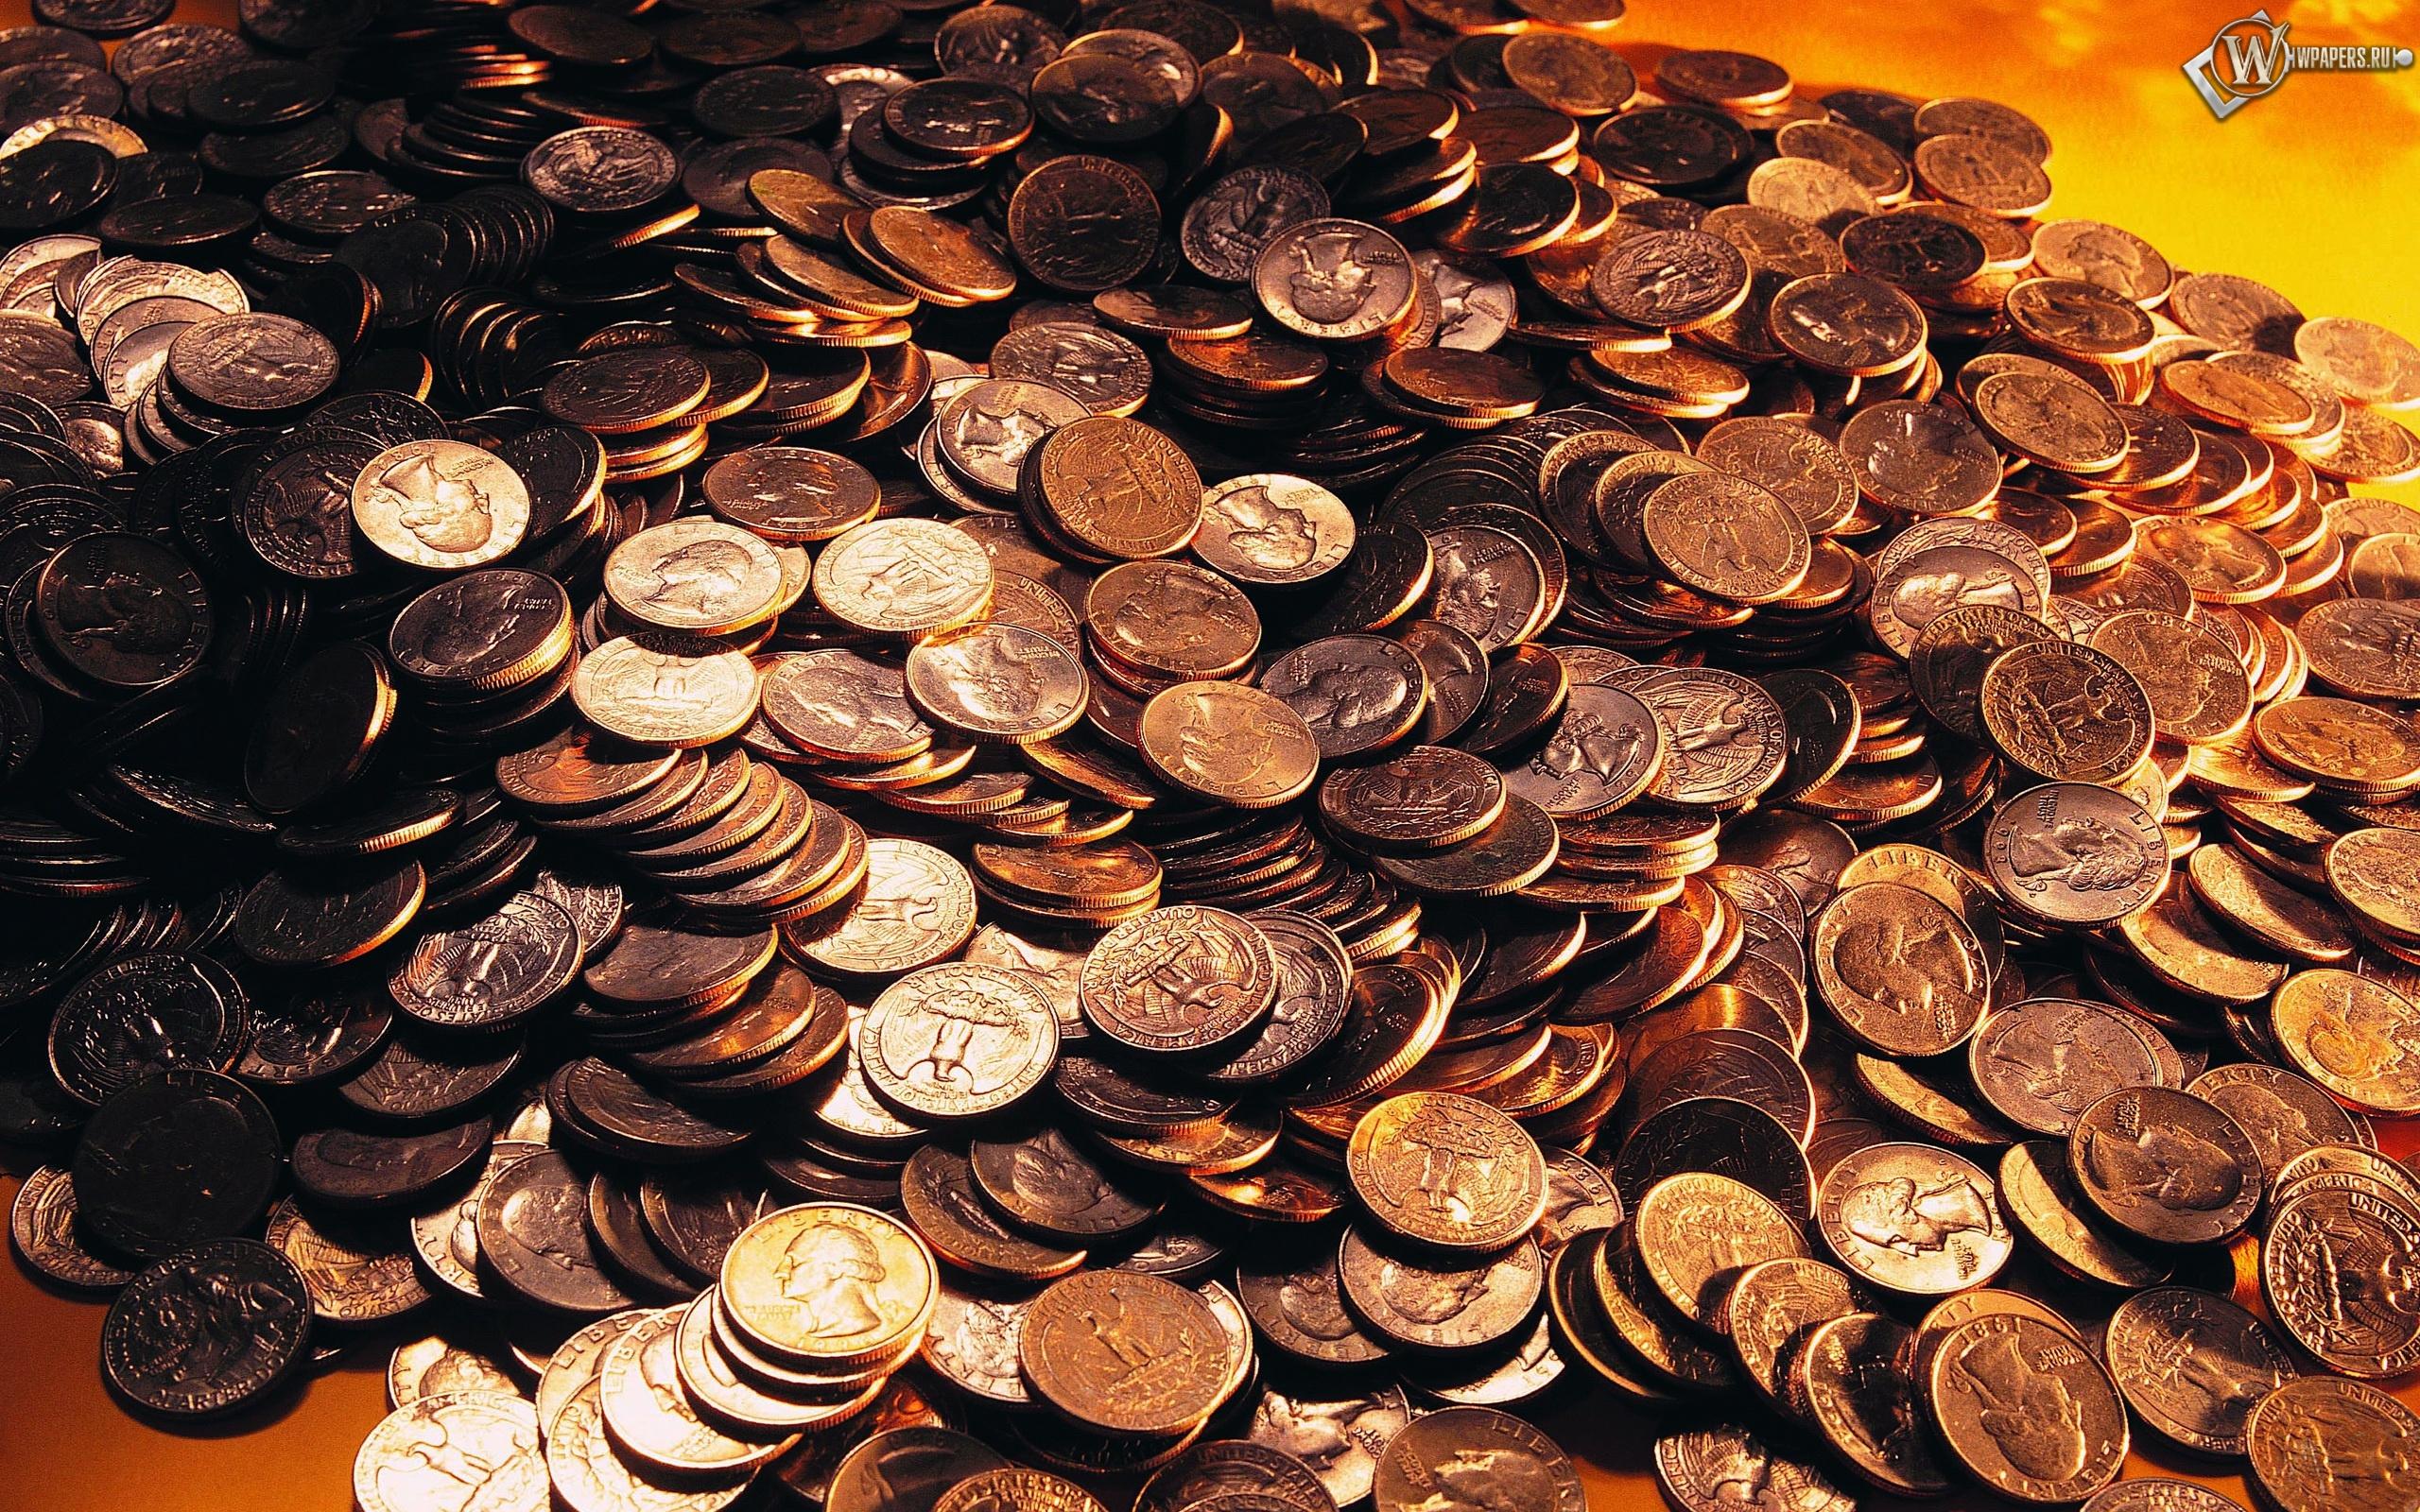 картинки деньги установить на рабочий стол срочно нужно